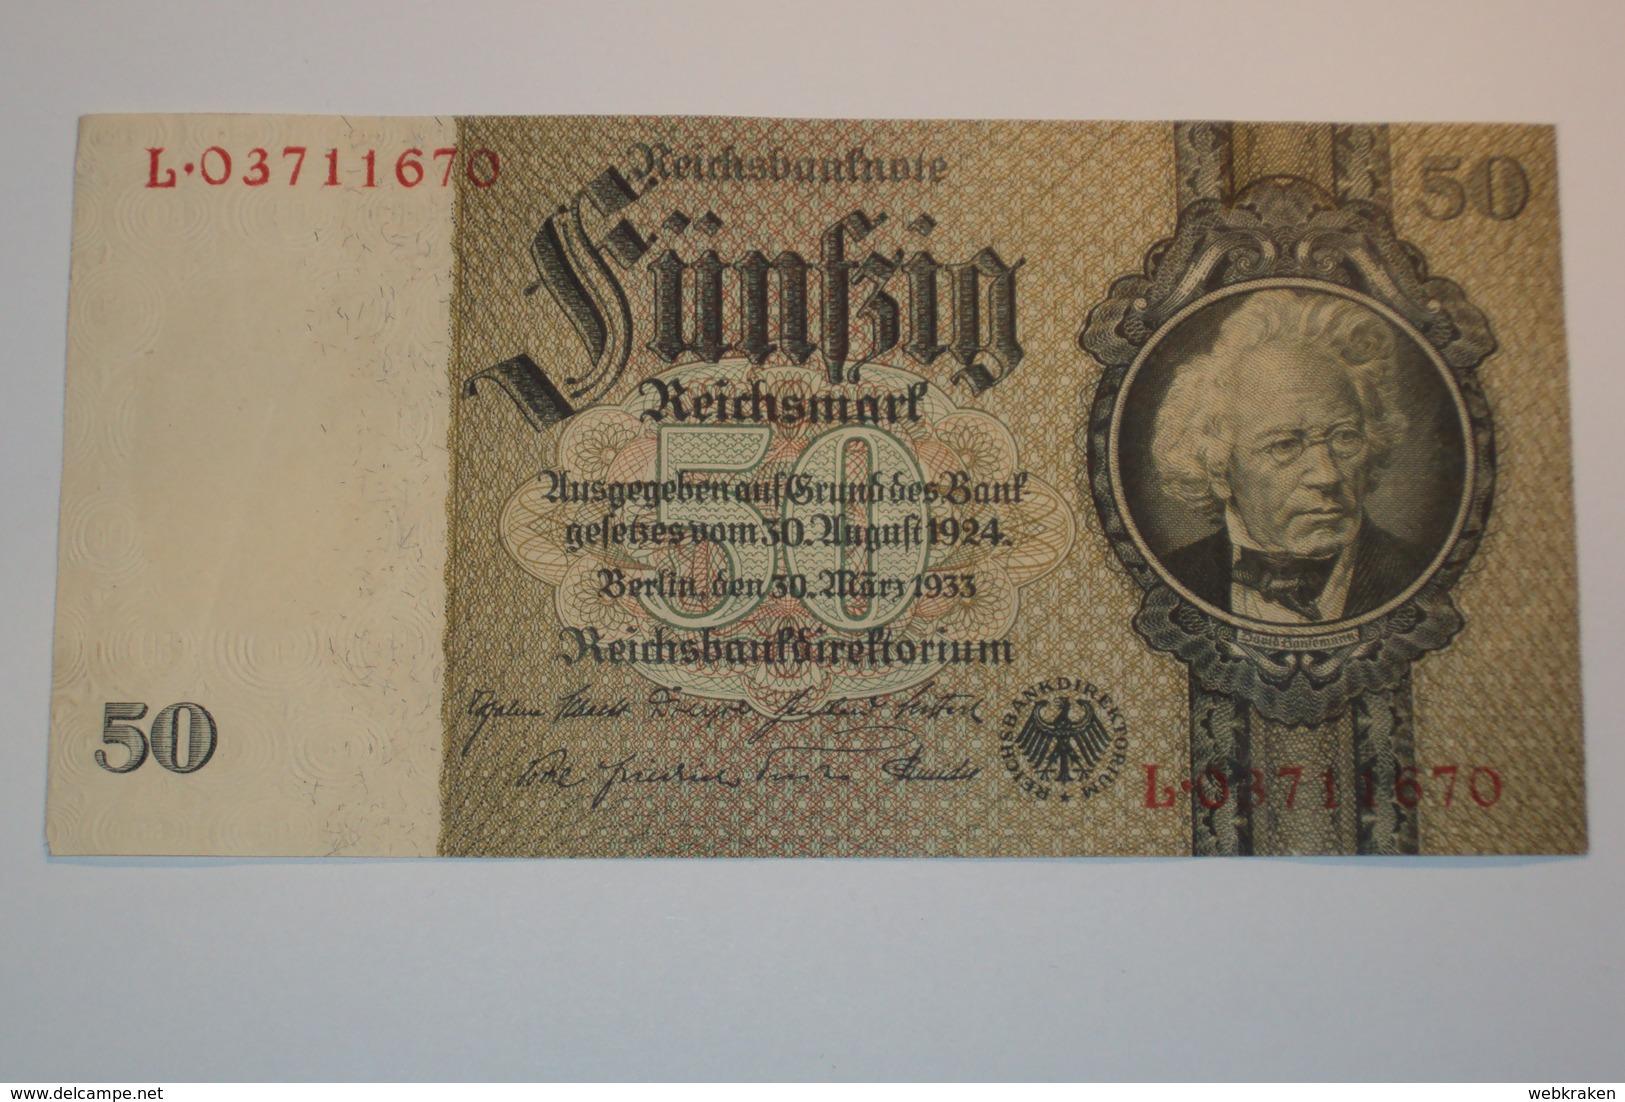 GERMANIA GERMANY BANCONOTA DA 50 MARCHI DEL 1933 REICHSMARK PERFETTA MOLTO BELLA - 50 Reichsmark